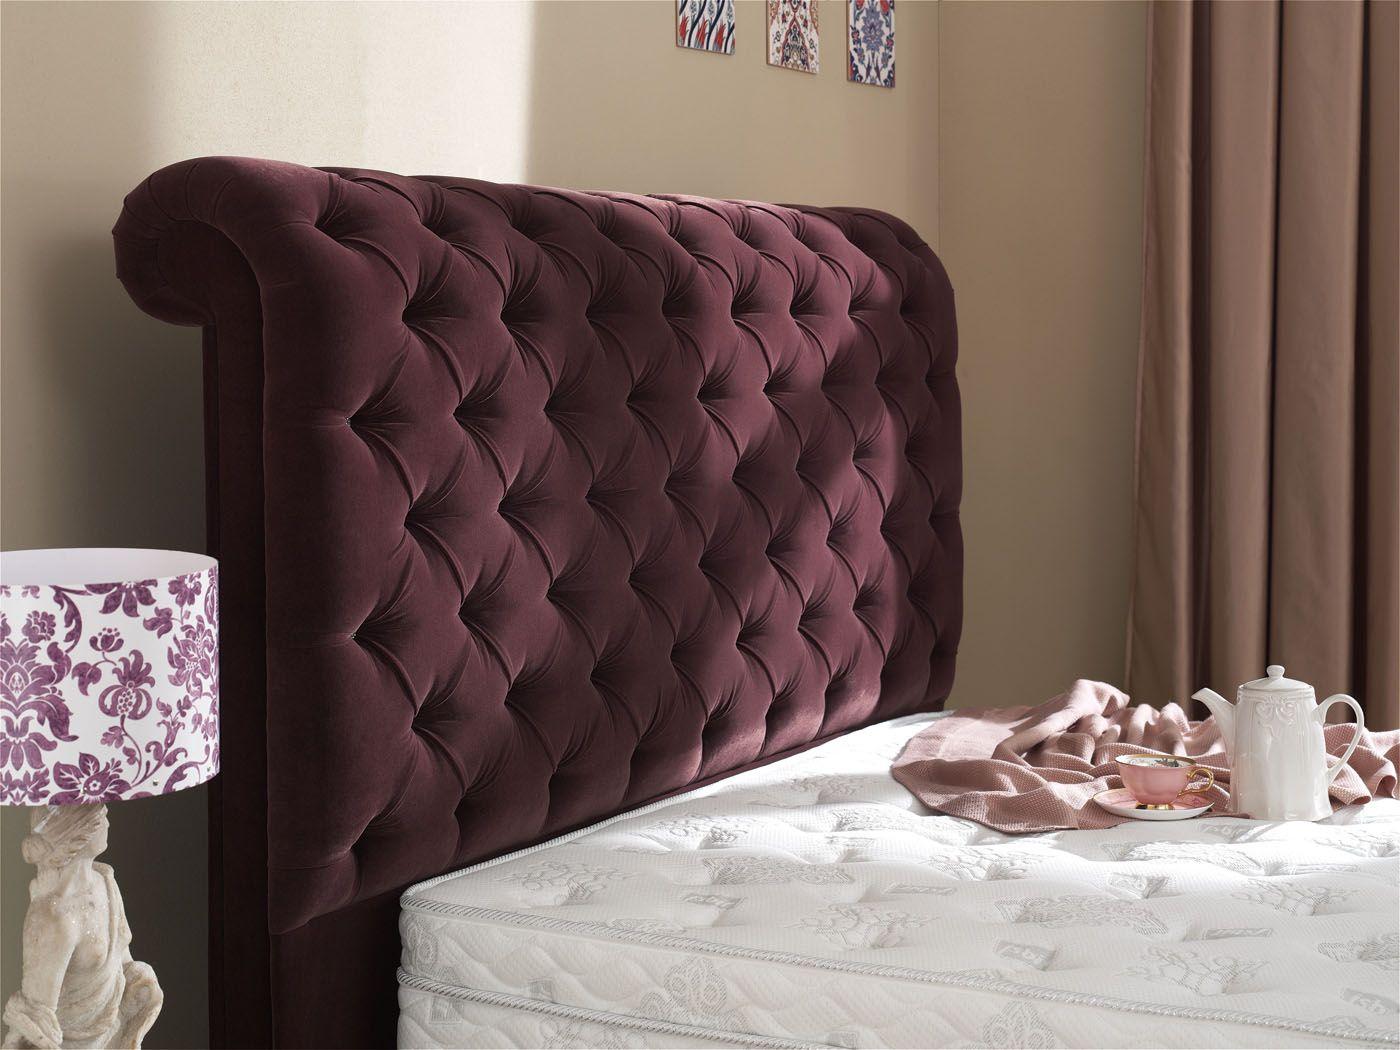 Modern Yatak Başı Çeşitleri | Ev Dekoru, Yatak, Yatak Başı encequiconcerne Lit De Jardin Rond